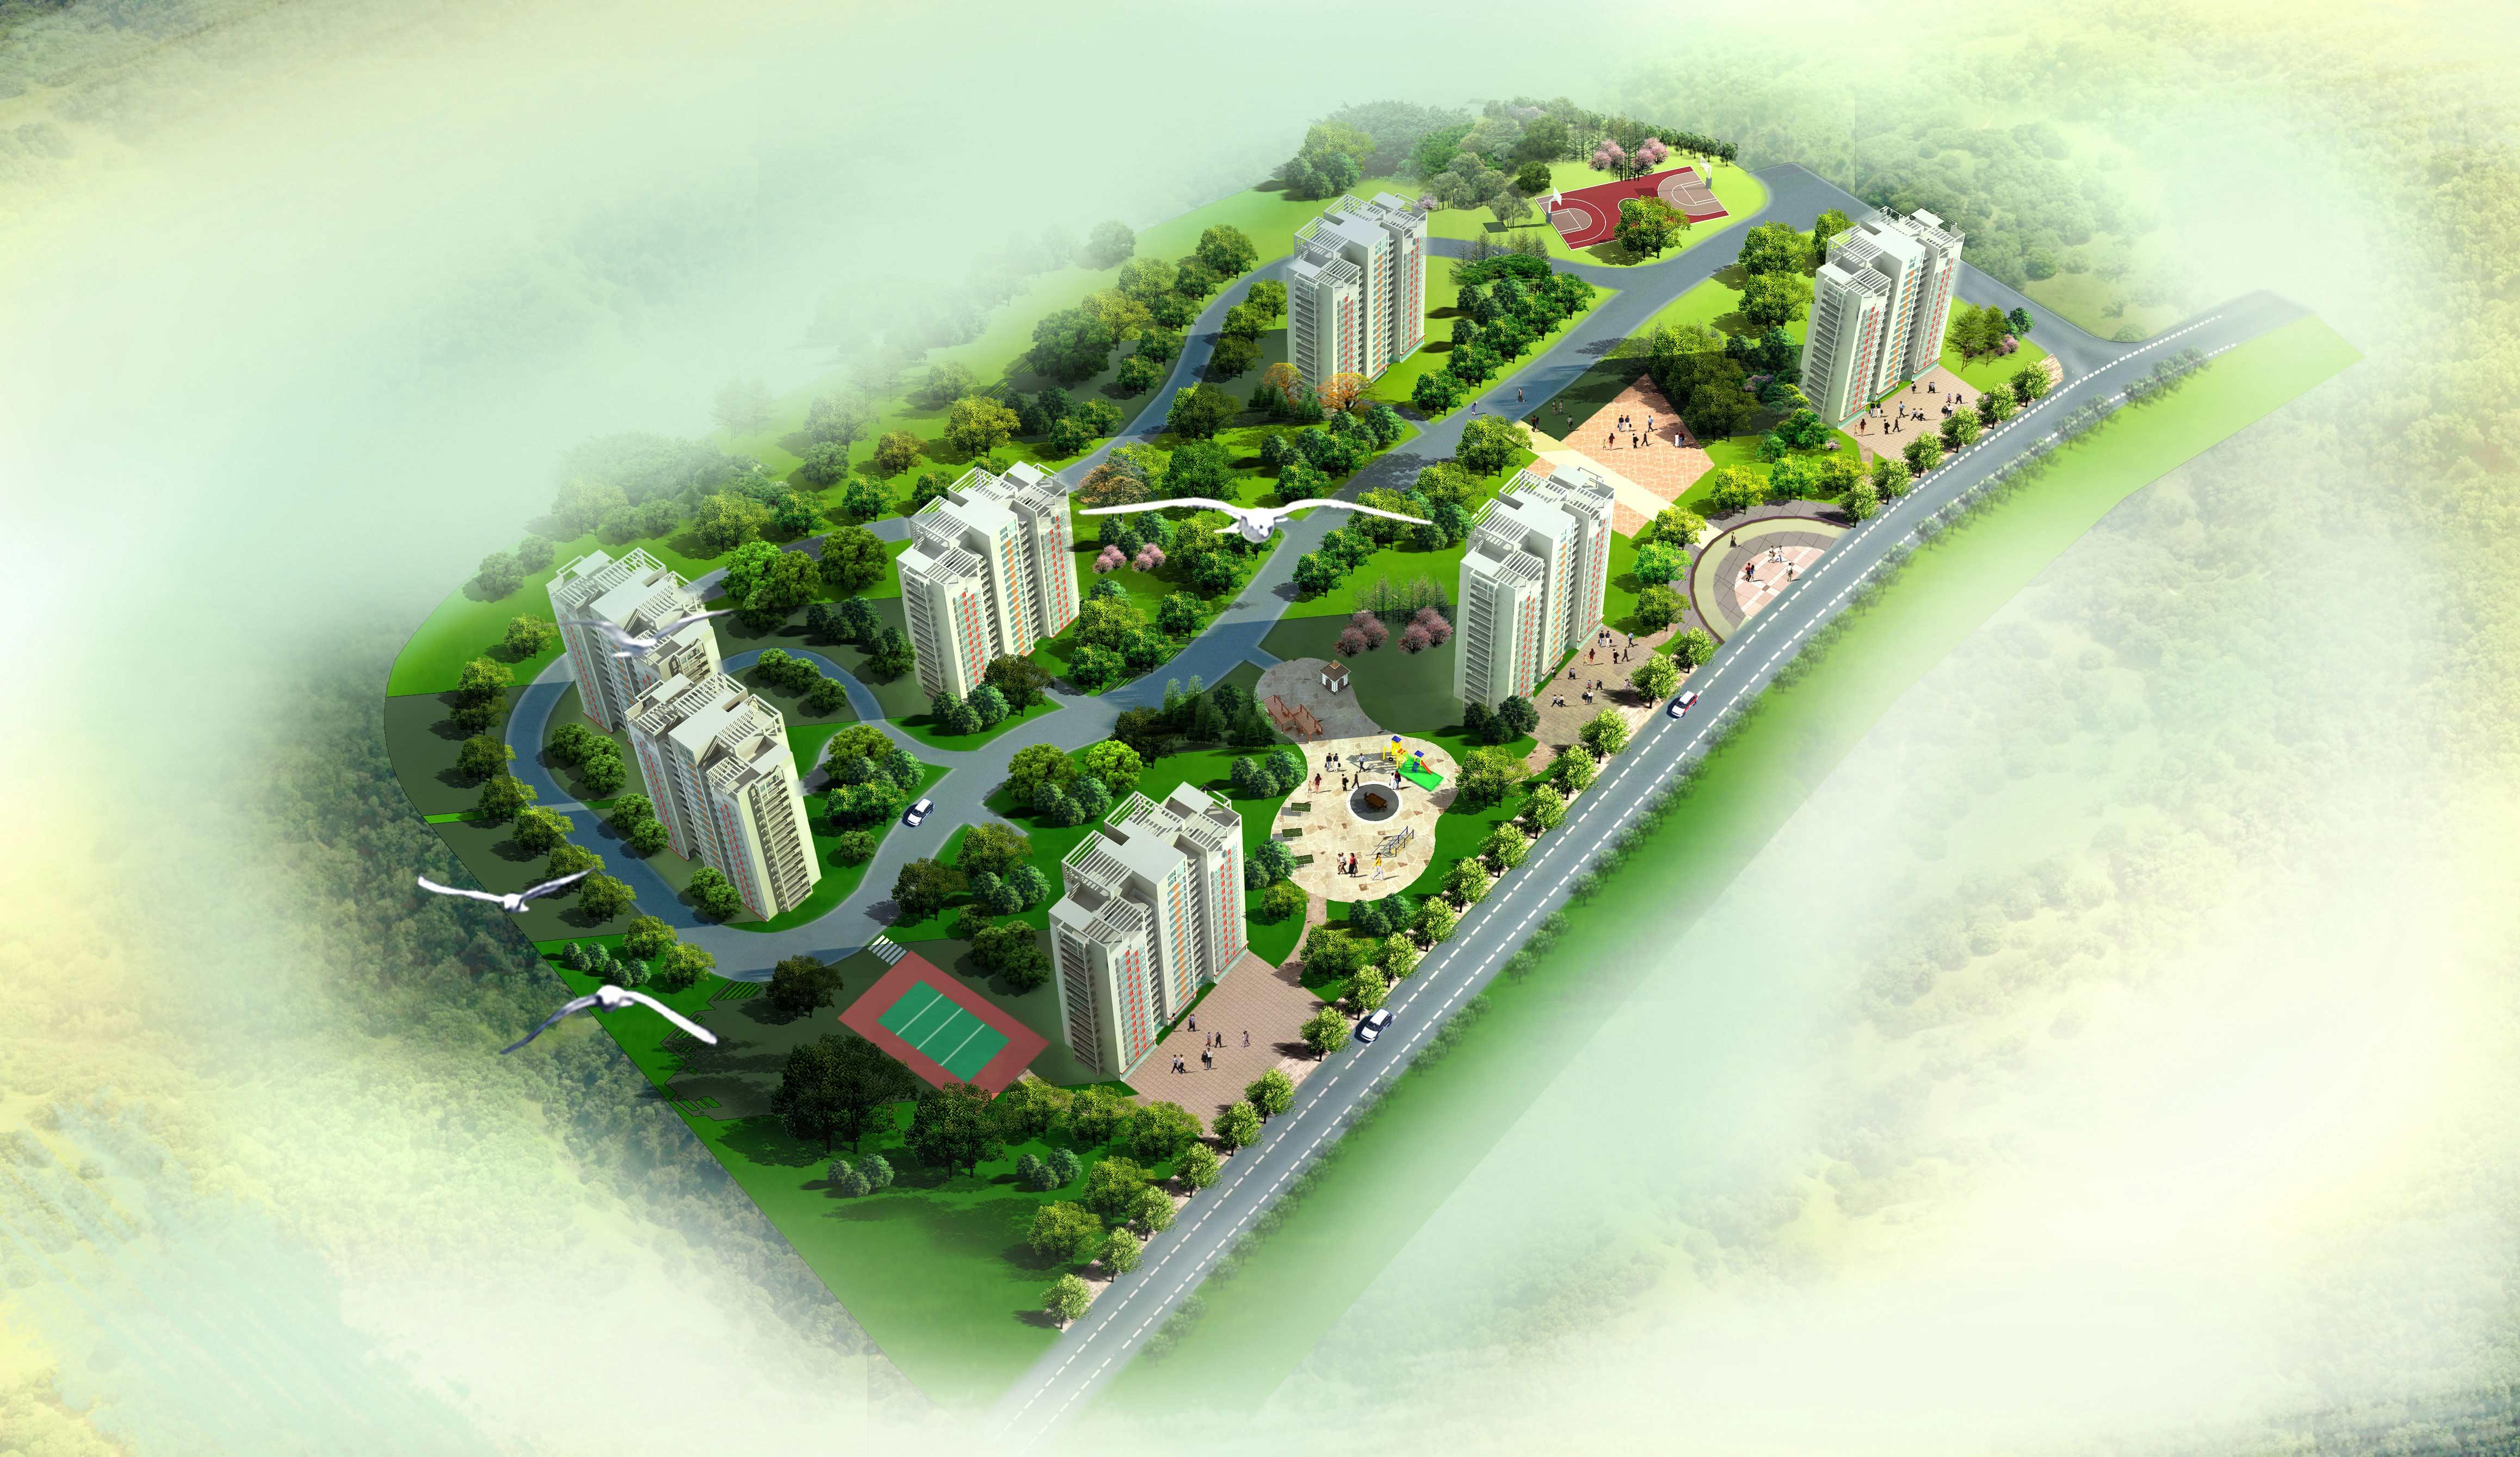 有人设计鸟瞰图吗-景观设计鸟瞰图手绘/鸟瞰图设计软件/城市设计鸟瞰